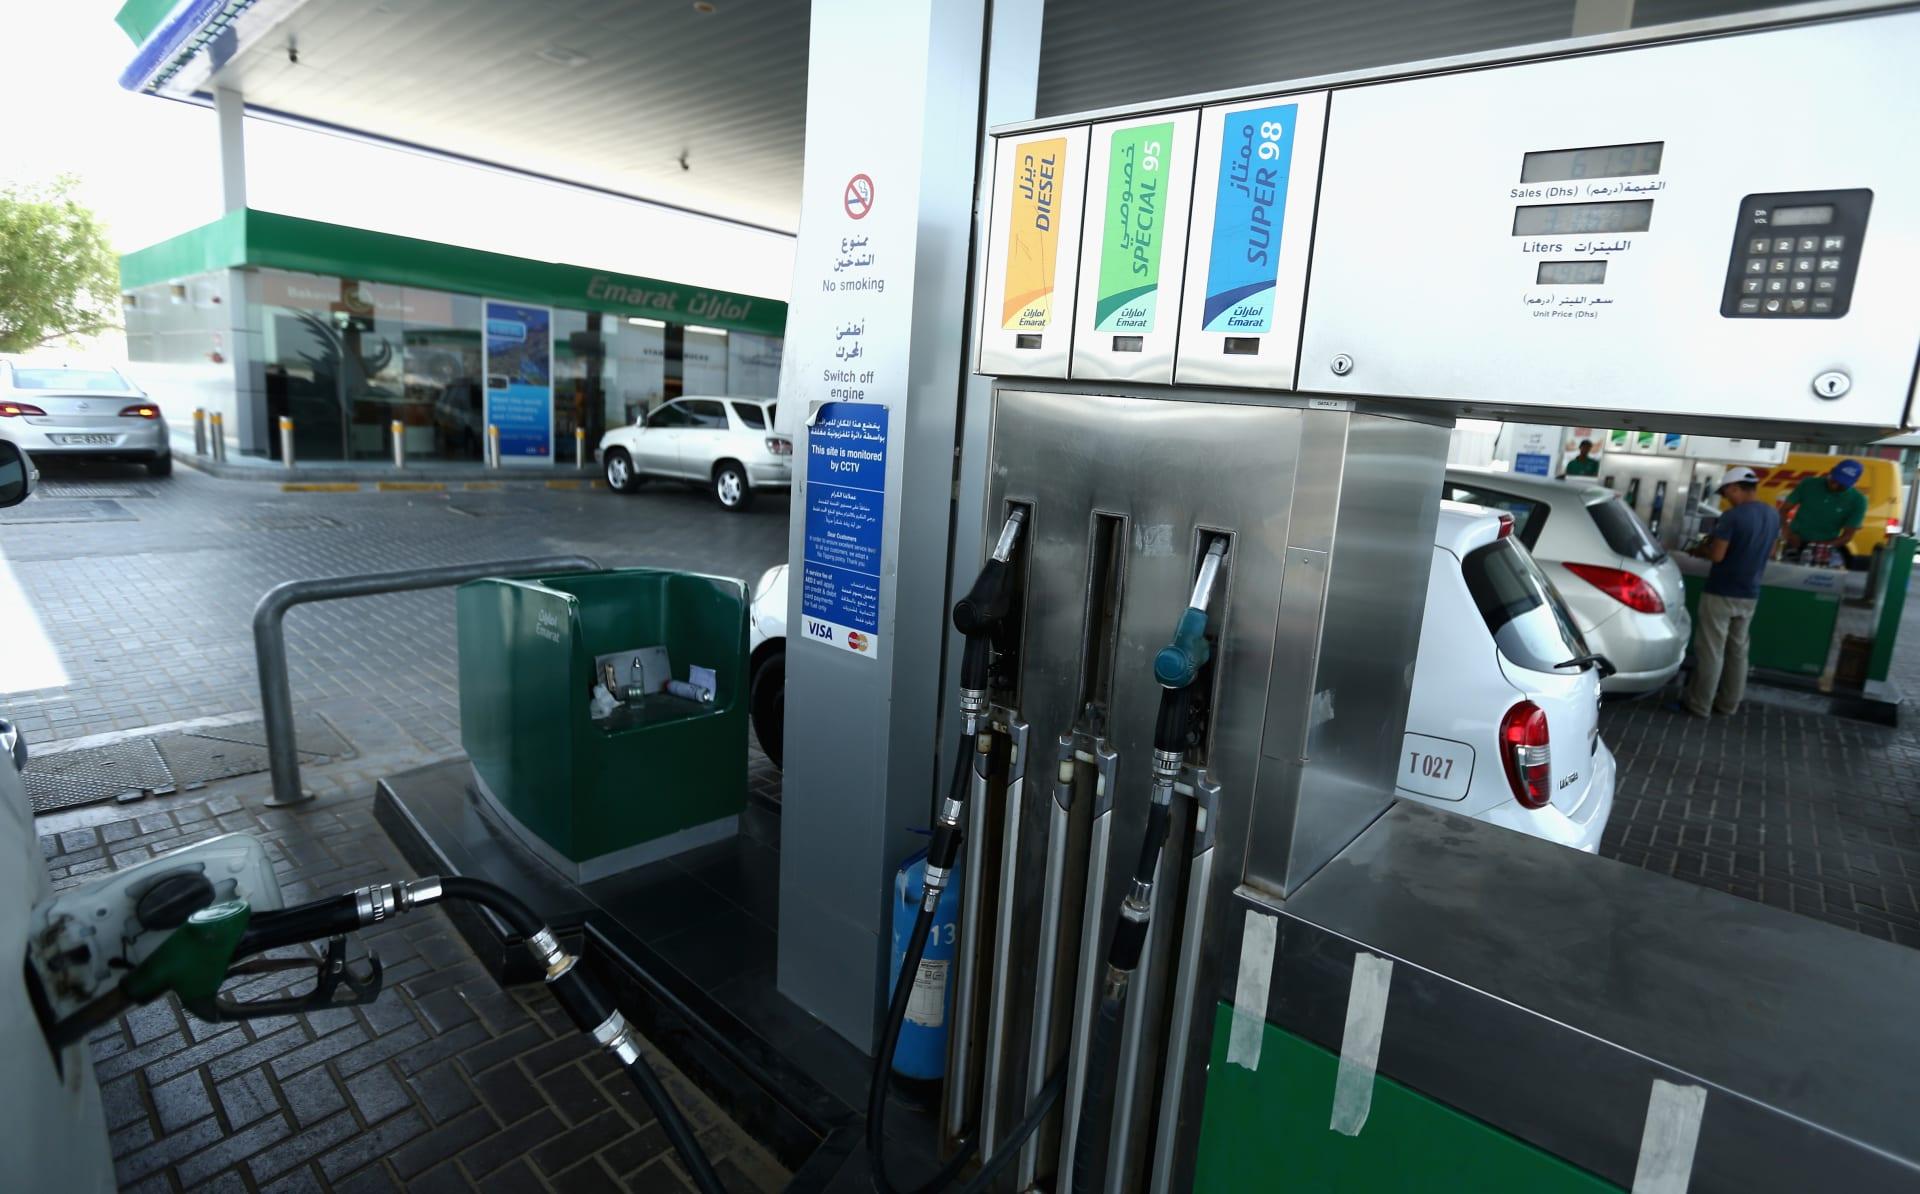 الإمارات تعلن أسعار الوقود لشهر سبتمبر.. إليكم ما هي